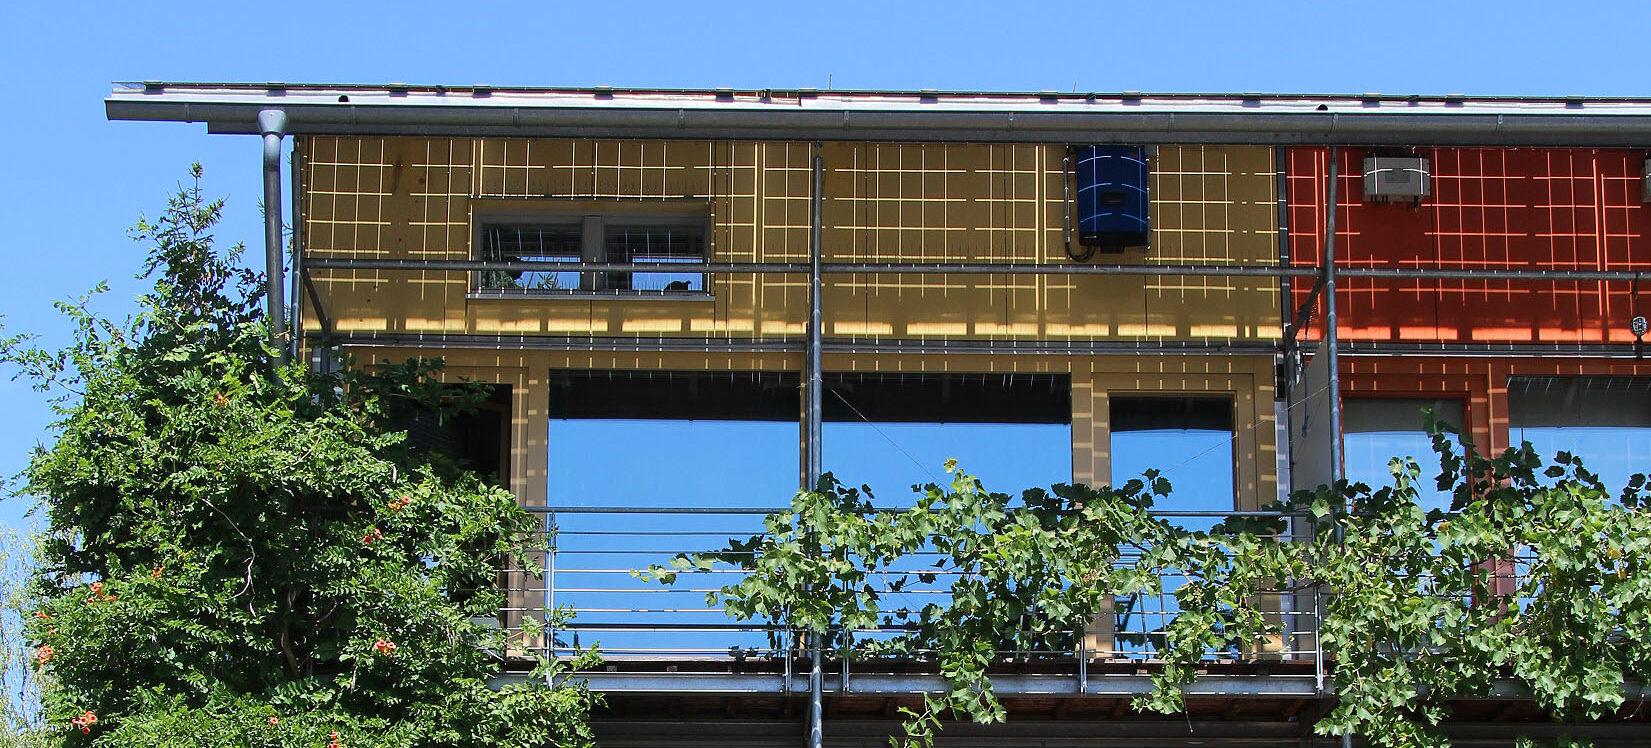 Innovatives Wohnen in der Solarsiedlung: Einfamilienhaus am Schlierberg mit Blick auf den Hildaturm